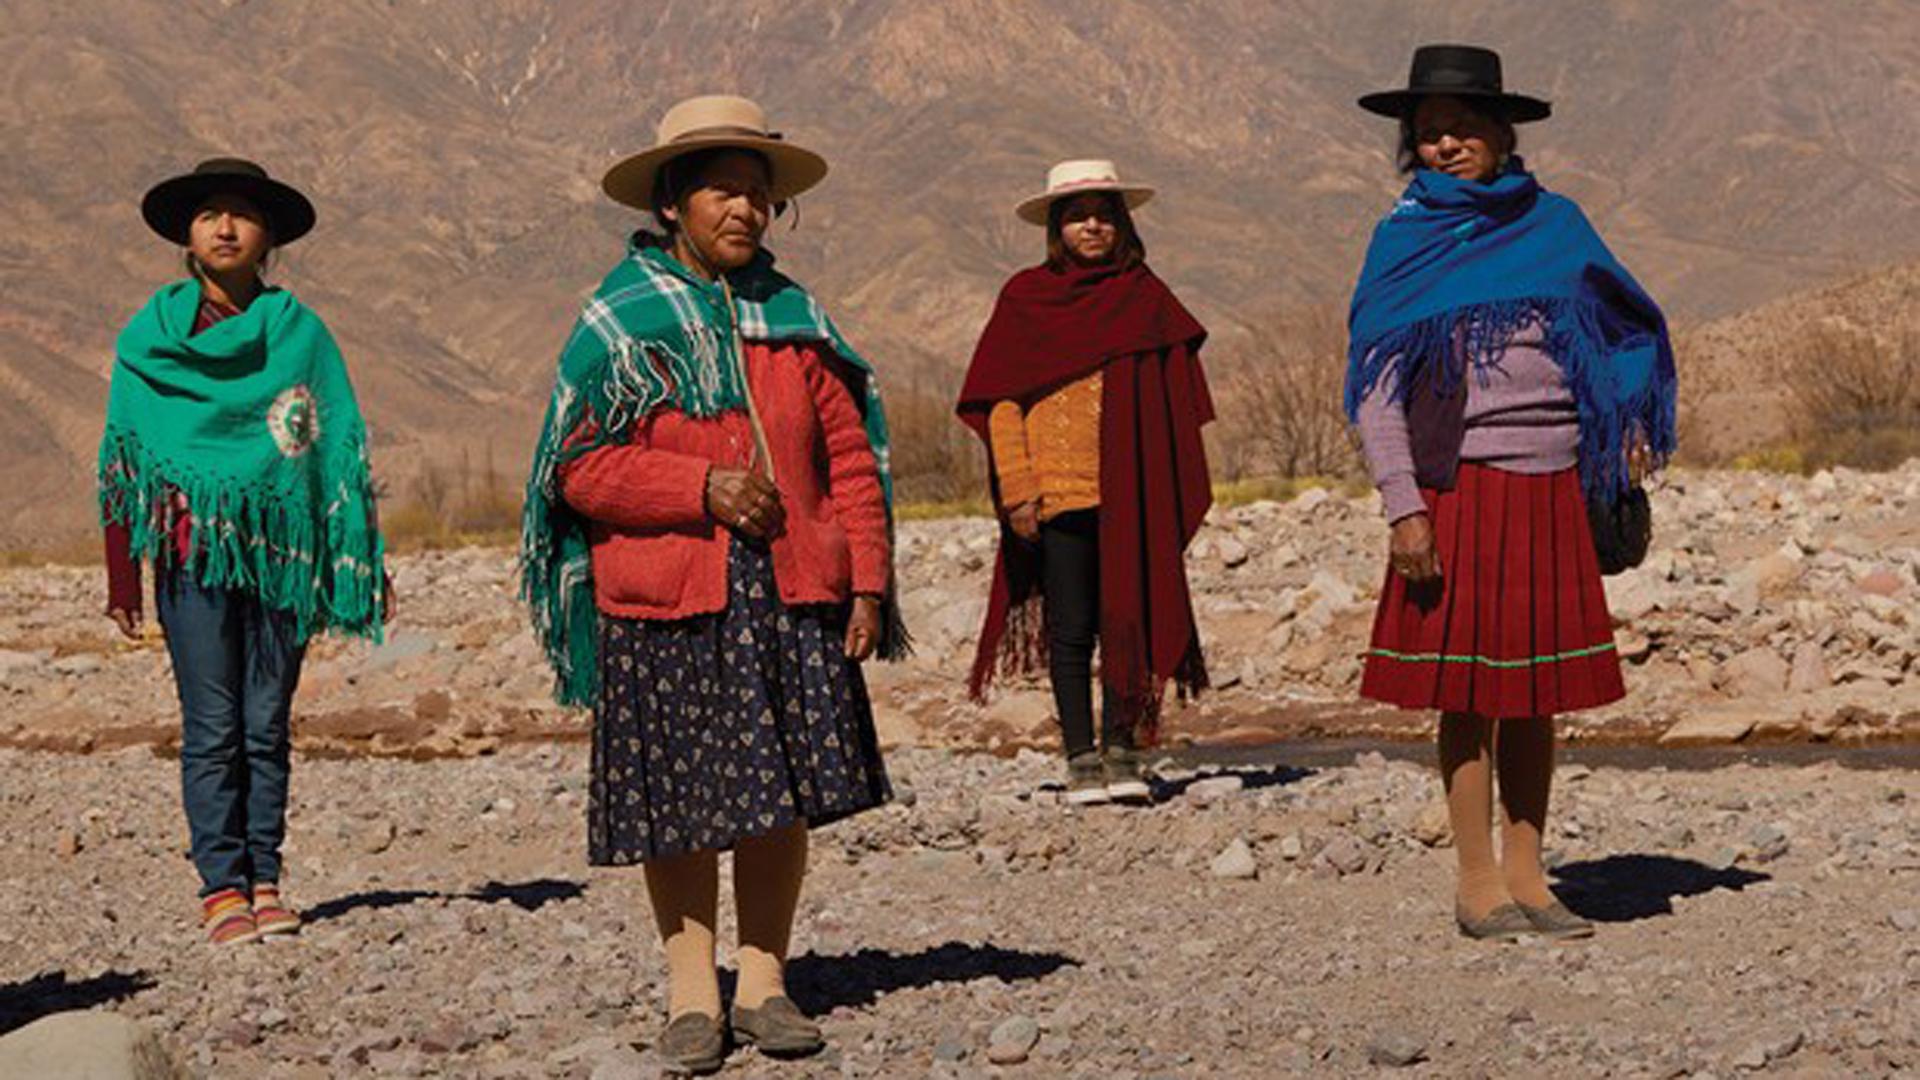 La población de mujeres escogida por Arrossi y equipo para el trabajo de campo científico fue la provincia de Jujuy, por ser en ese momento -el proyecto se realizó entre 2012 y 2014- una de las provincias con mayor mortalidad por cáncer cervicouterino del país